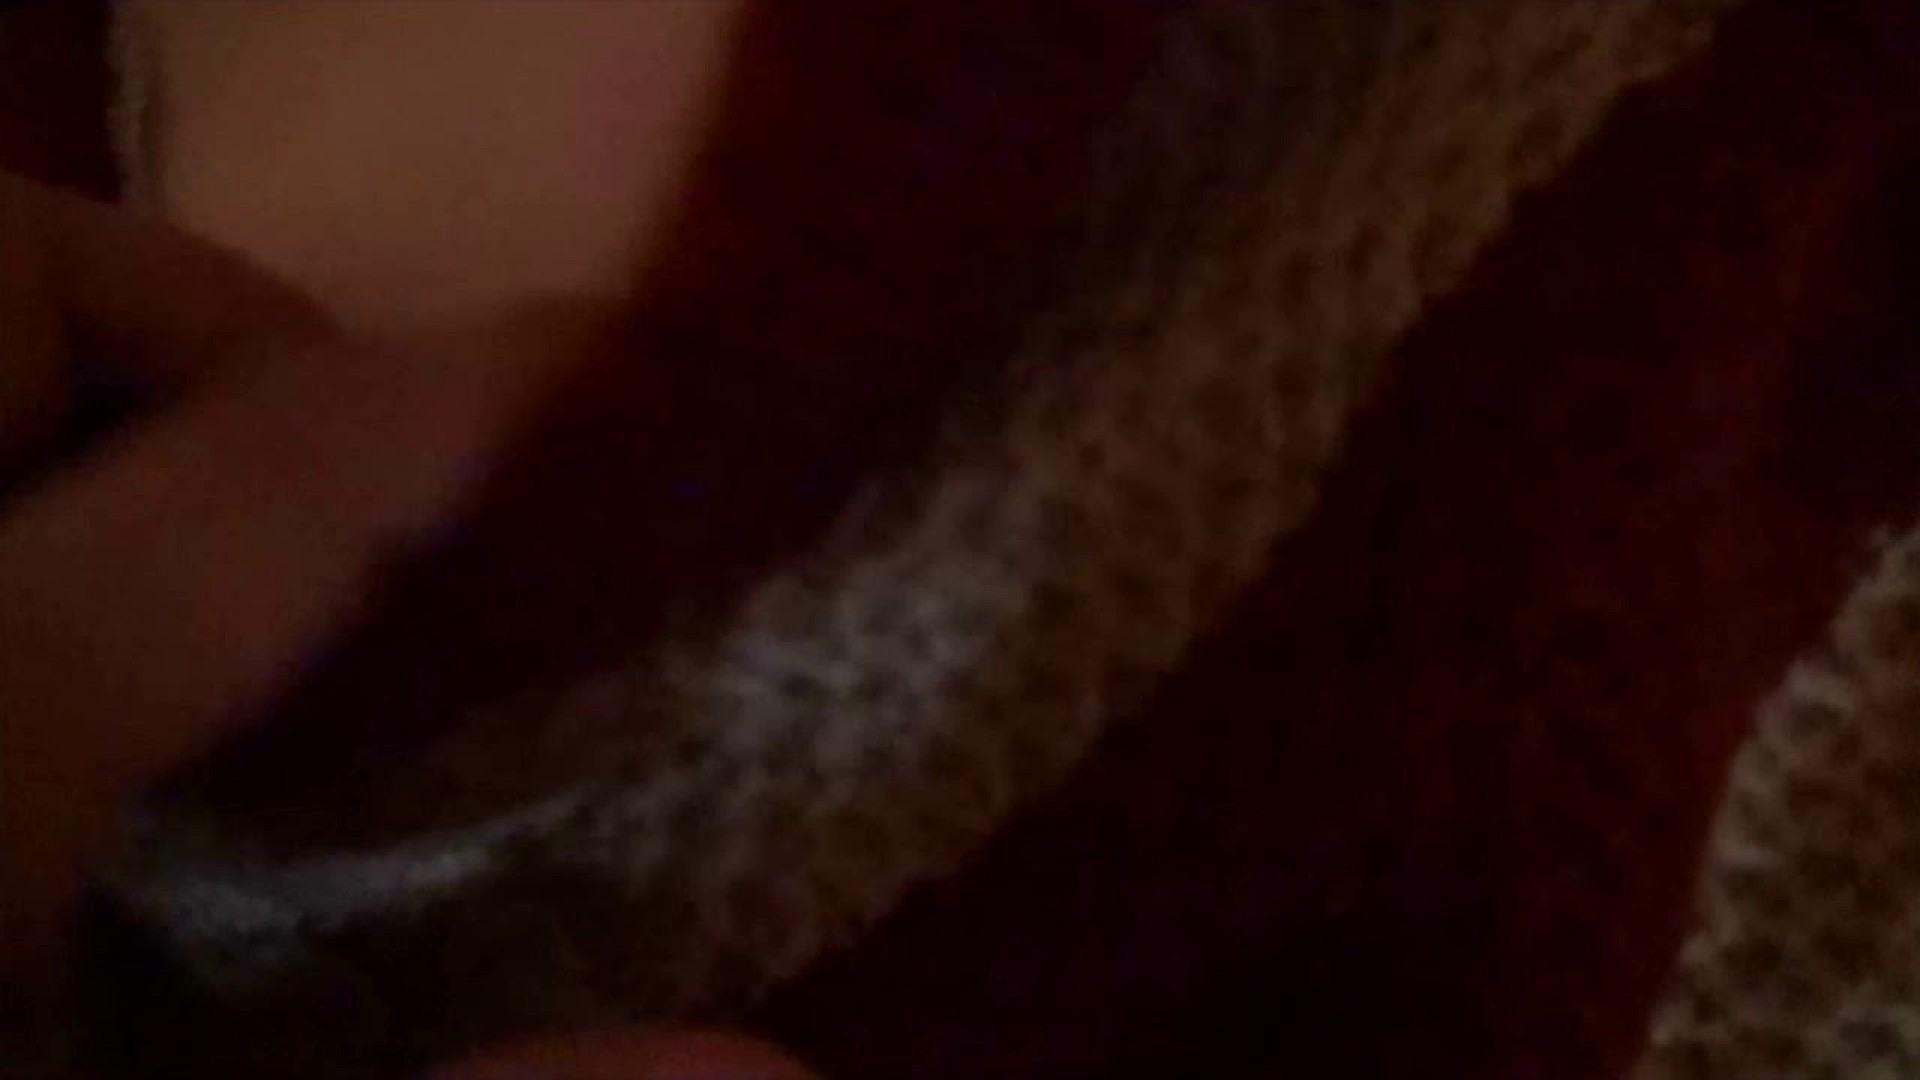 魔術師の お・も・て・な・し vol.29 女子大生のもてなし方 女子大生丸裸   美しいOLの裸体  103pic 97